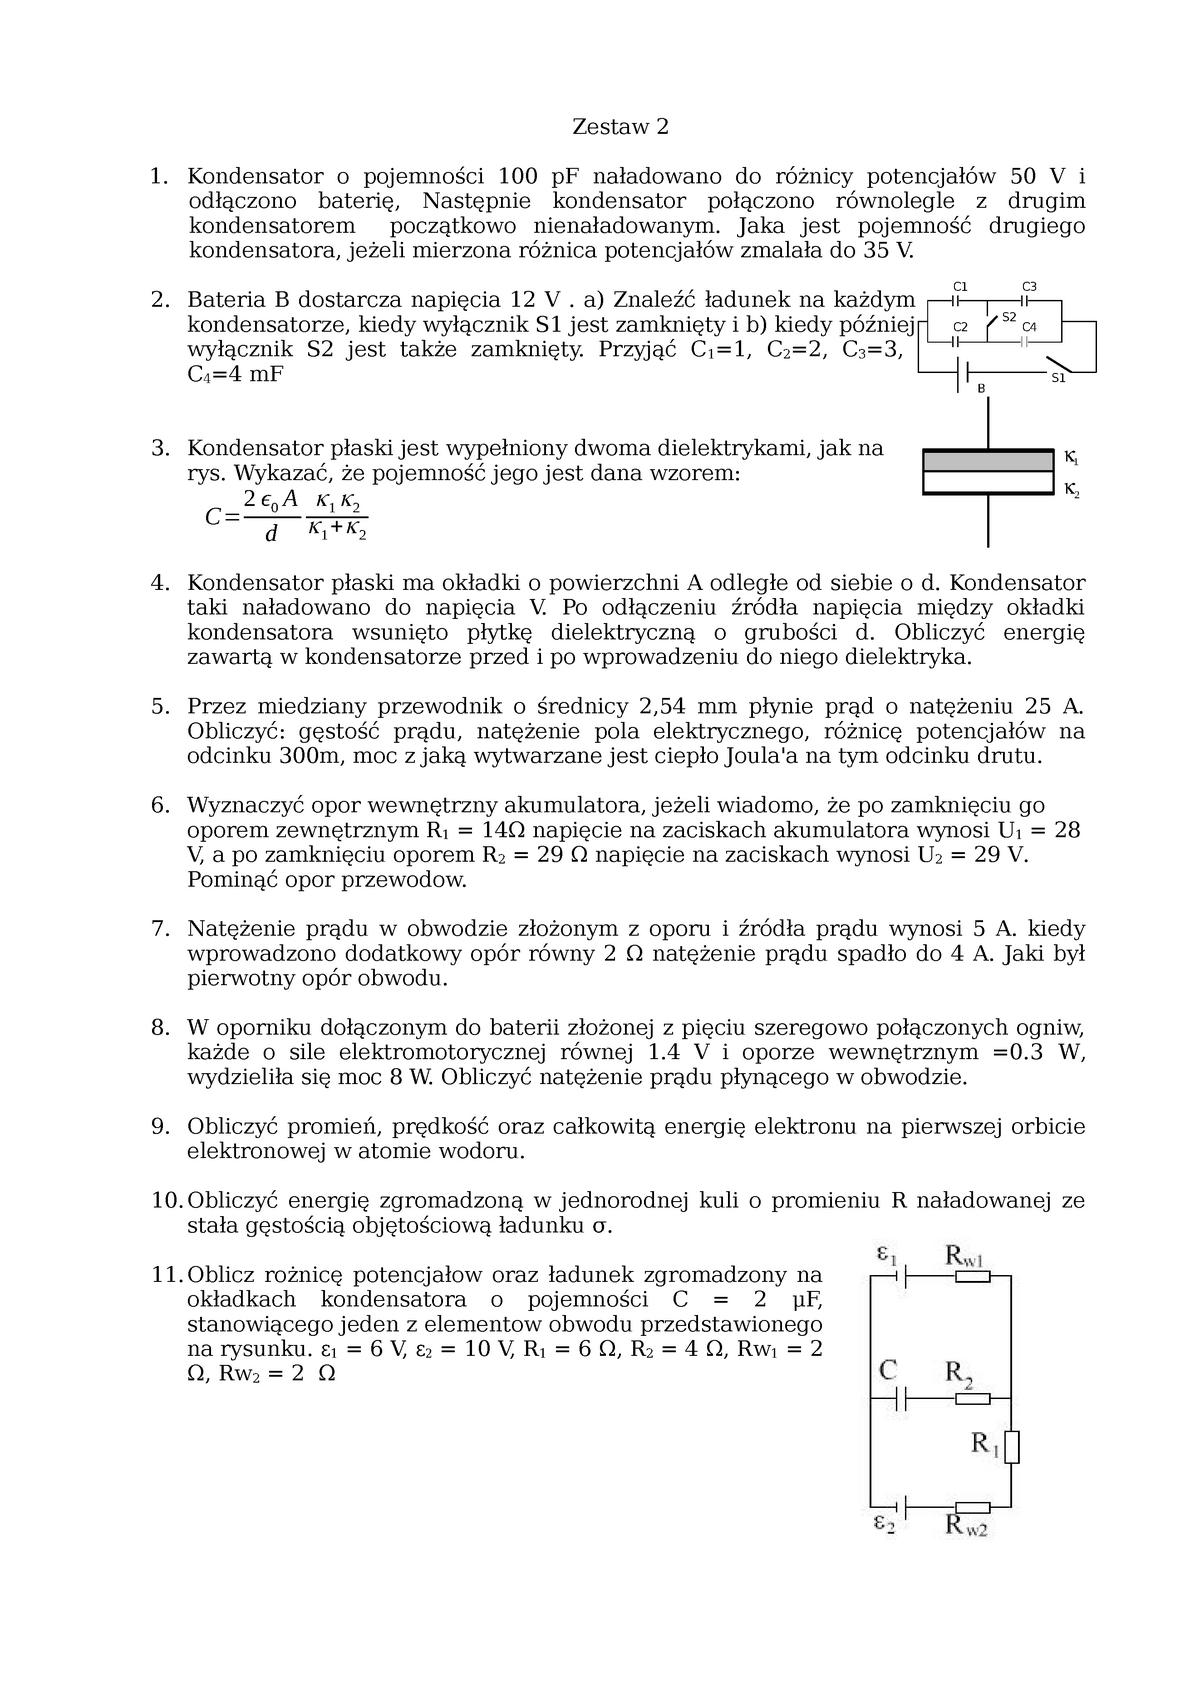 odebrane Pierwsze spojrzenie kup popularne Exam 2015, questions - Fizyka 2 WGiG/GiG/Fizyka2 - AGH - StuDocu